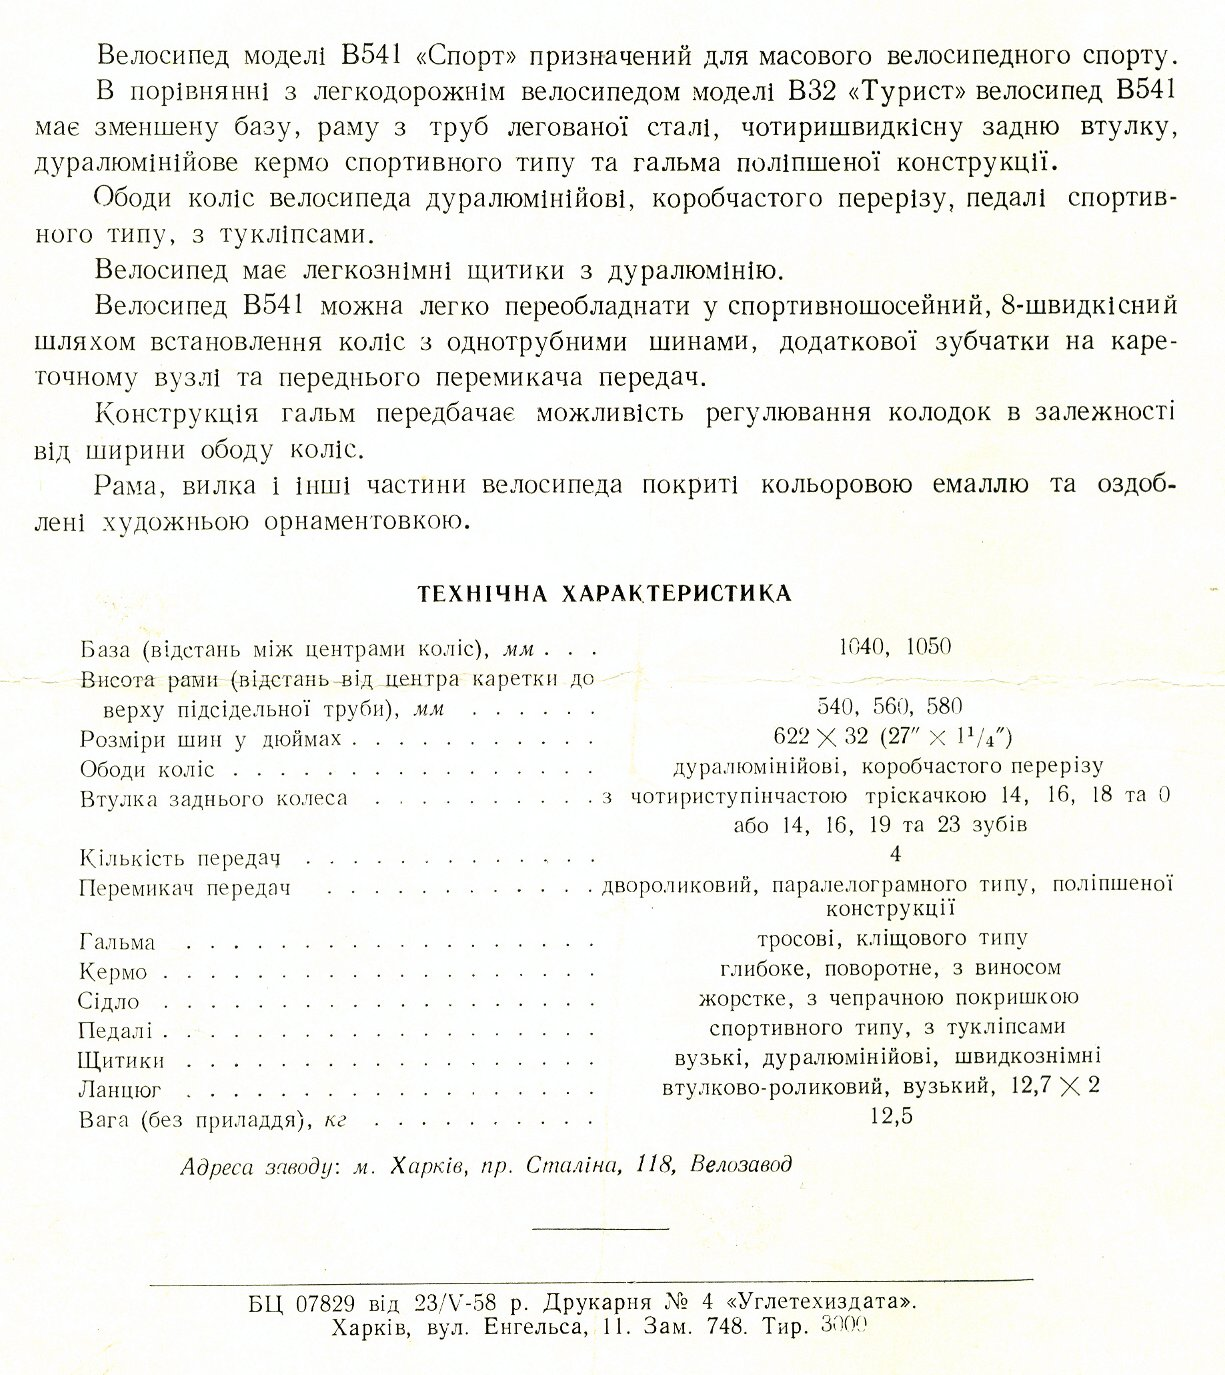 История моделей Харьковского велосипедного завода (ХВЗ)